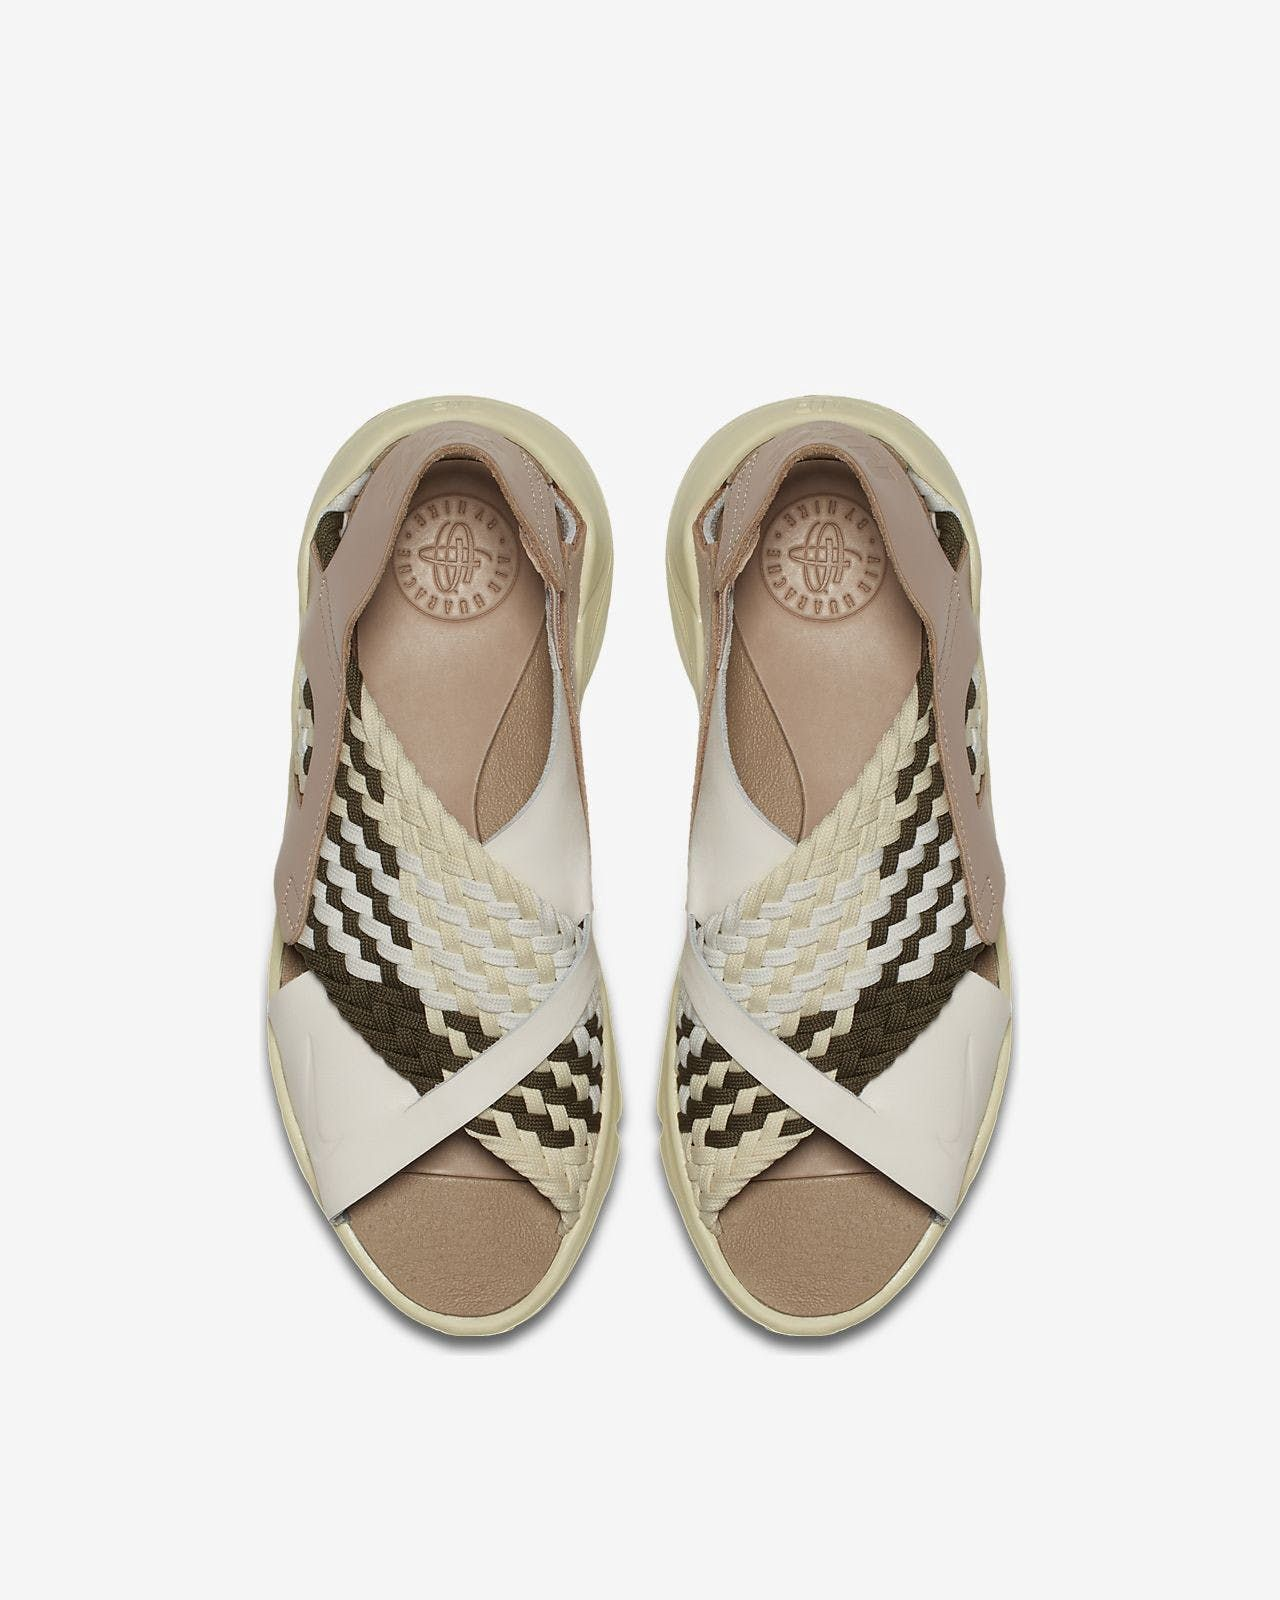 Nike Air Huarache Ultra Women's Sandal by Nike | Air huarache ...